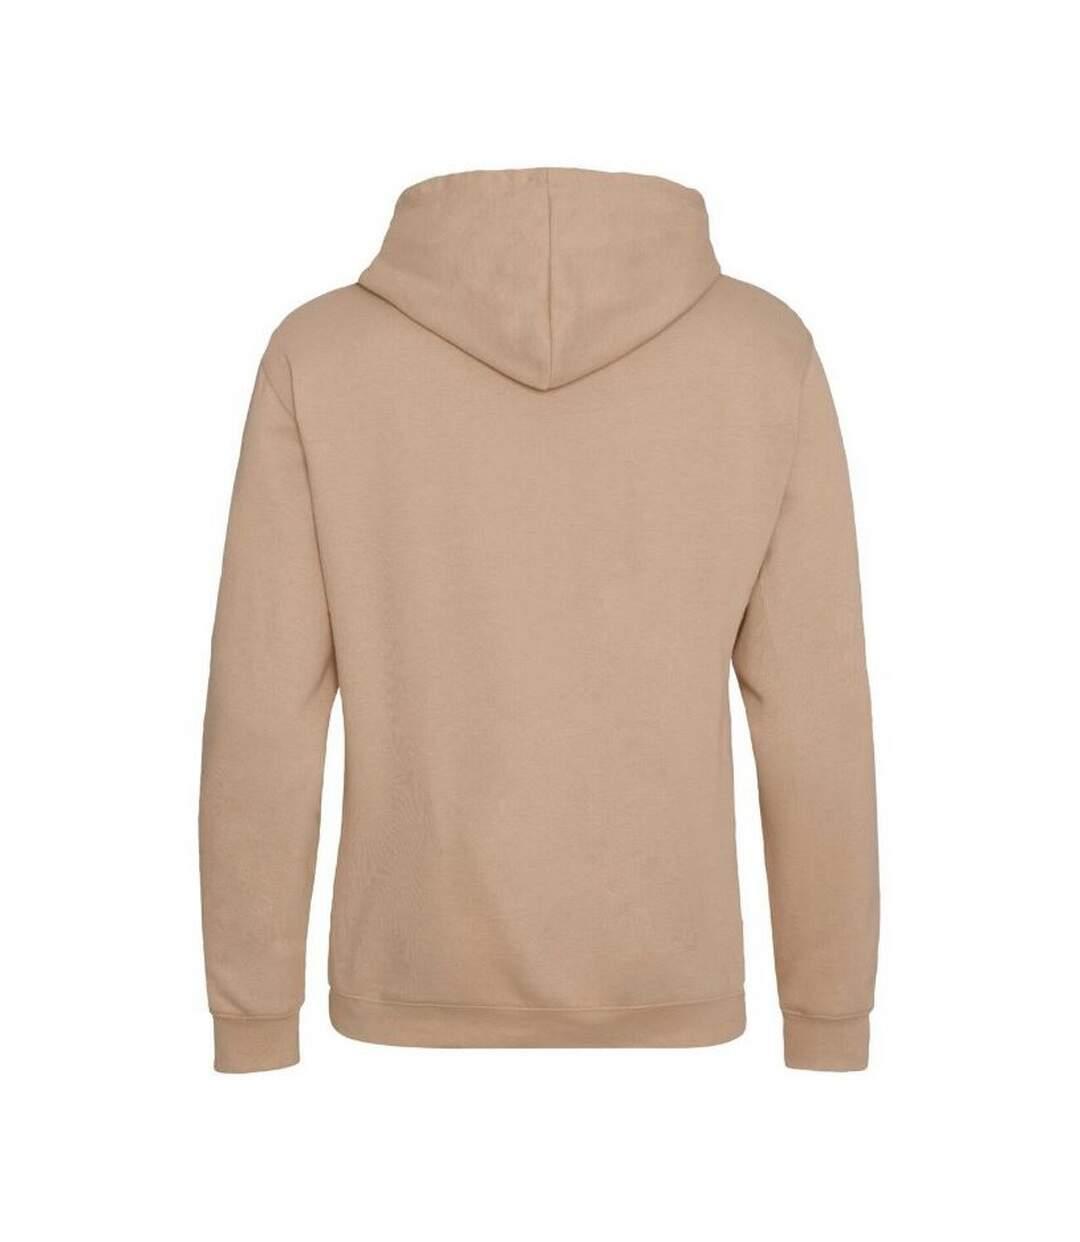 Awdis Varsity Hooded Sweatshirt / Hoodie (Burgundy/ Oxford Navy) - UTRW165